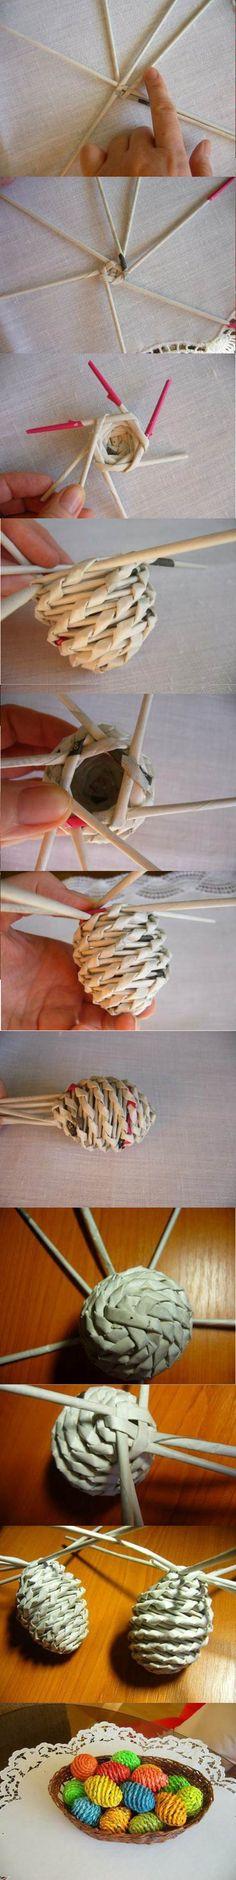 4 décorations de Pâques, faites de papier roulé!